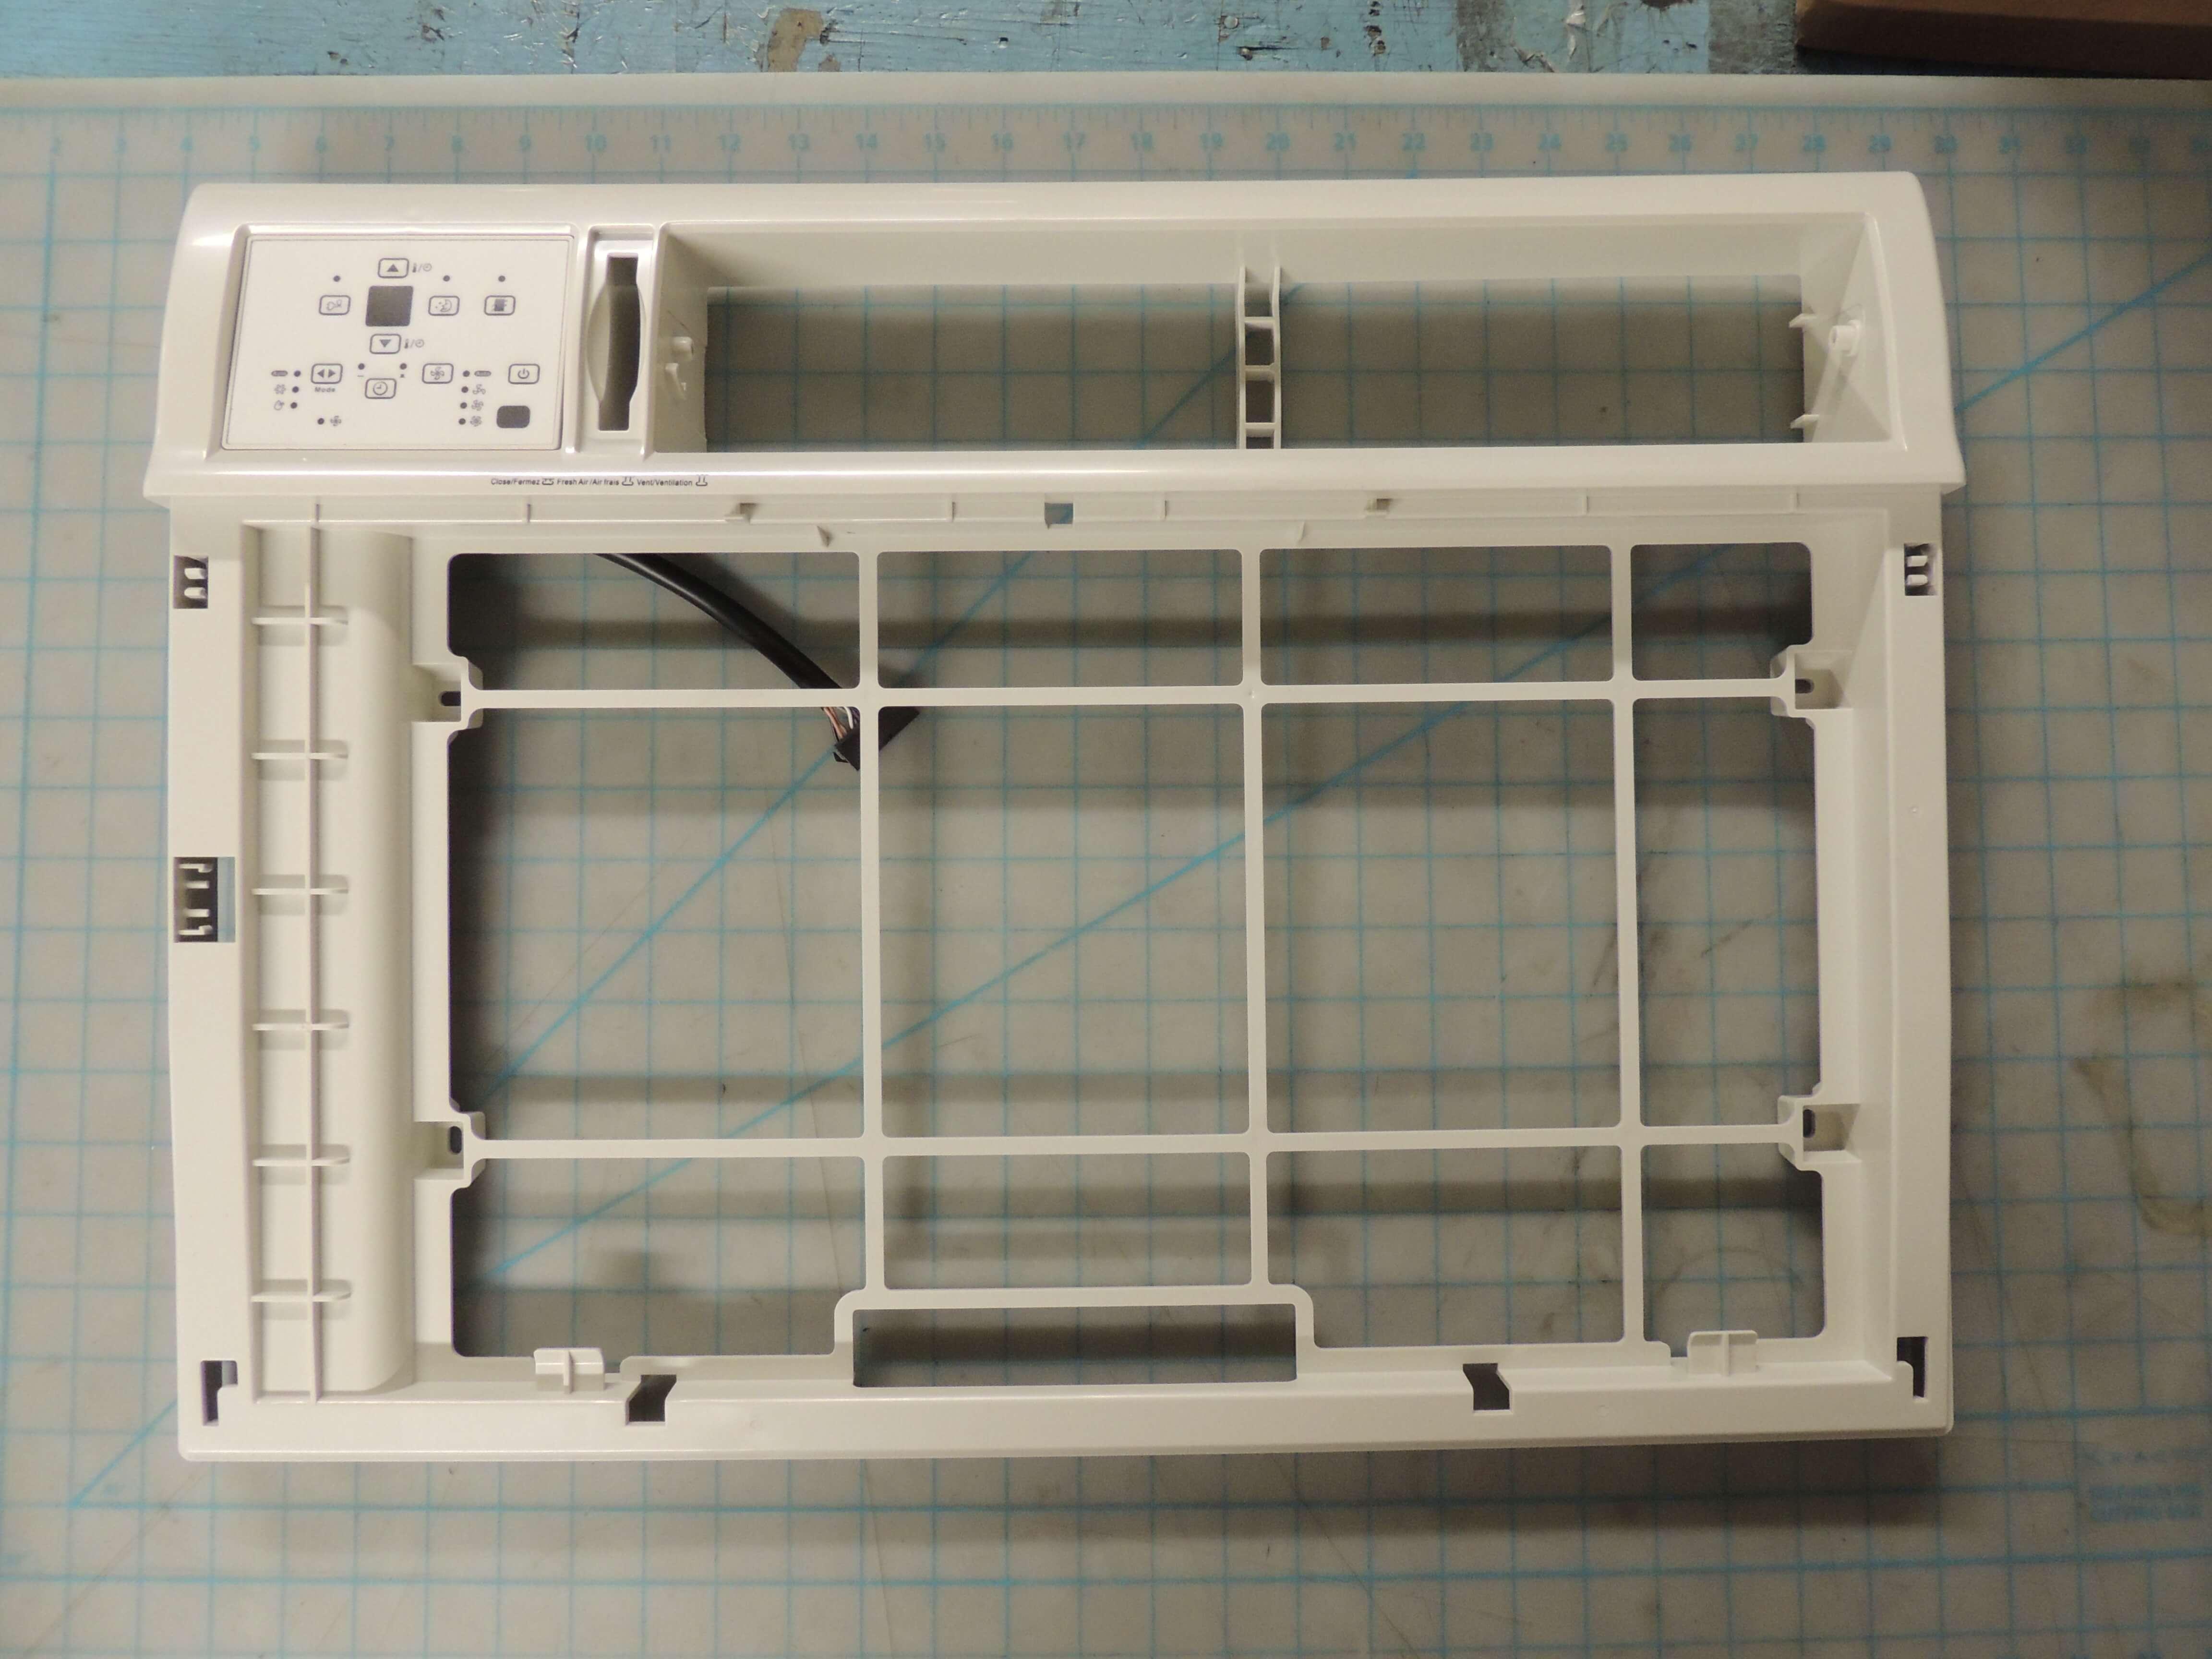 Panel frame assembly